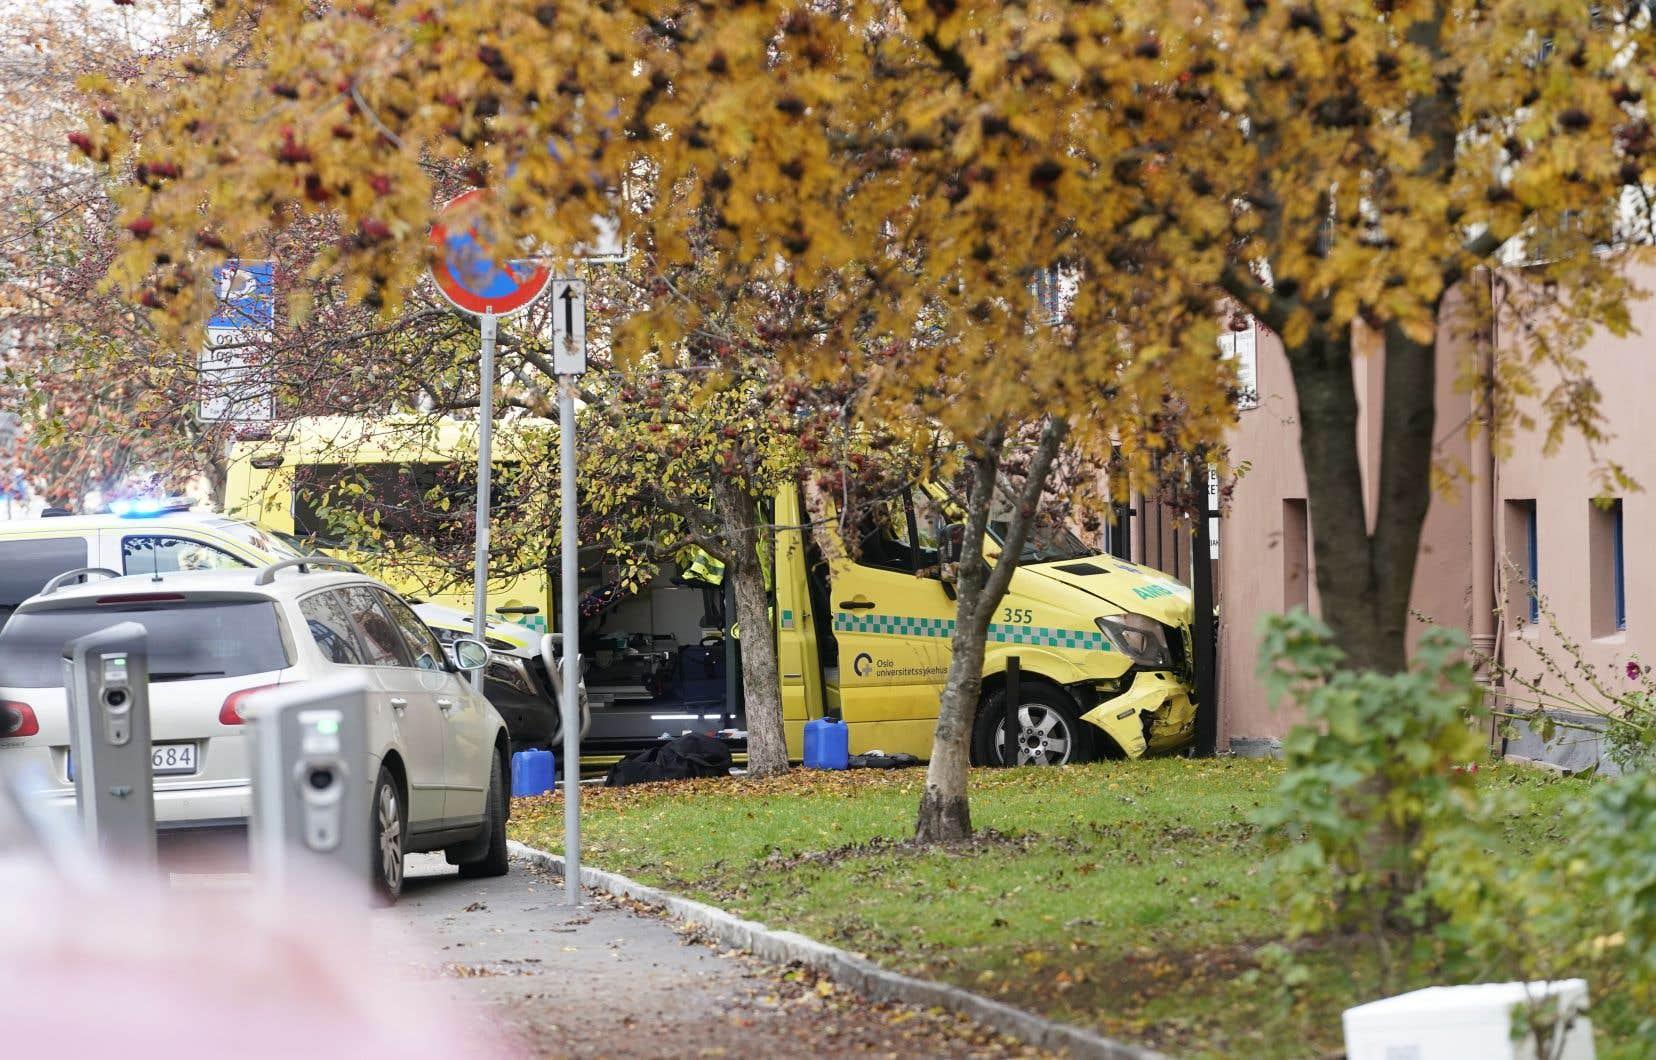 Poursuivi par la police, le véhicule volé a fini sa course dans la grille d'entrée d'un immeuble d'habitation.